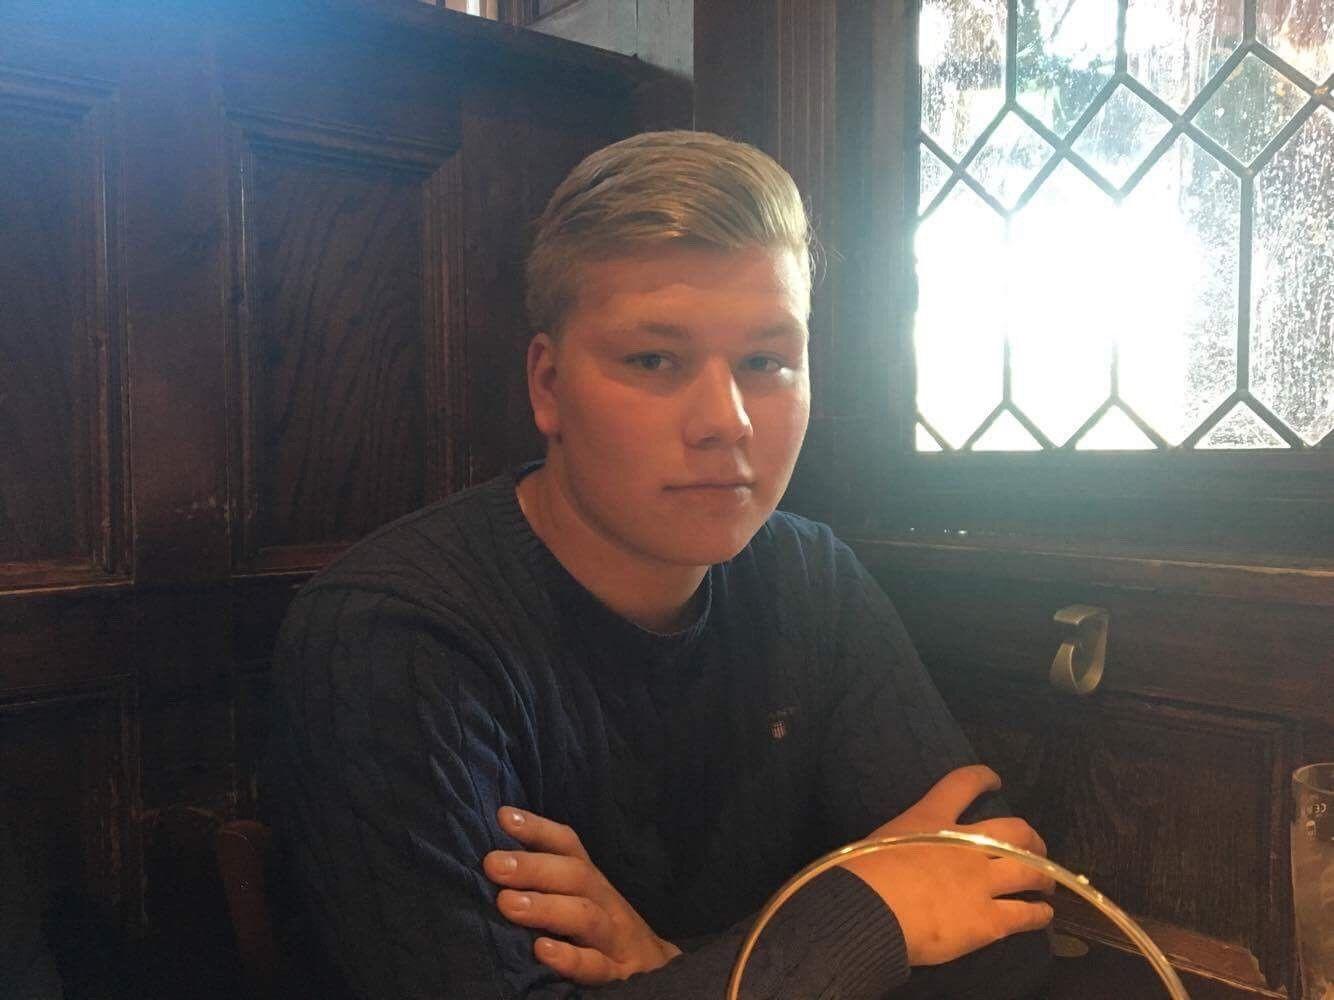 SJOKKERT: Trym Solsvik er rystet over størrelsen på boten han fikk fra spanske myndigheter, som hevder 19-åringen blendet bilister med laserpenn på en guttetur til Magaluf i fjor sommer.